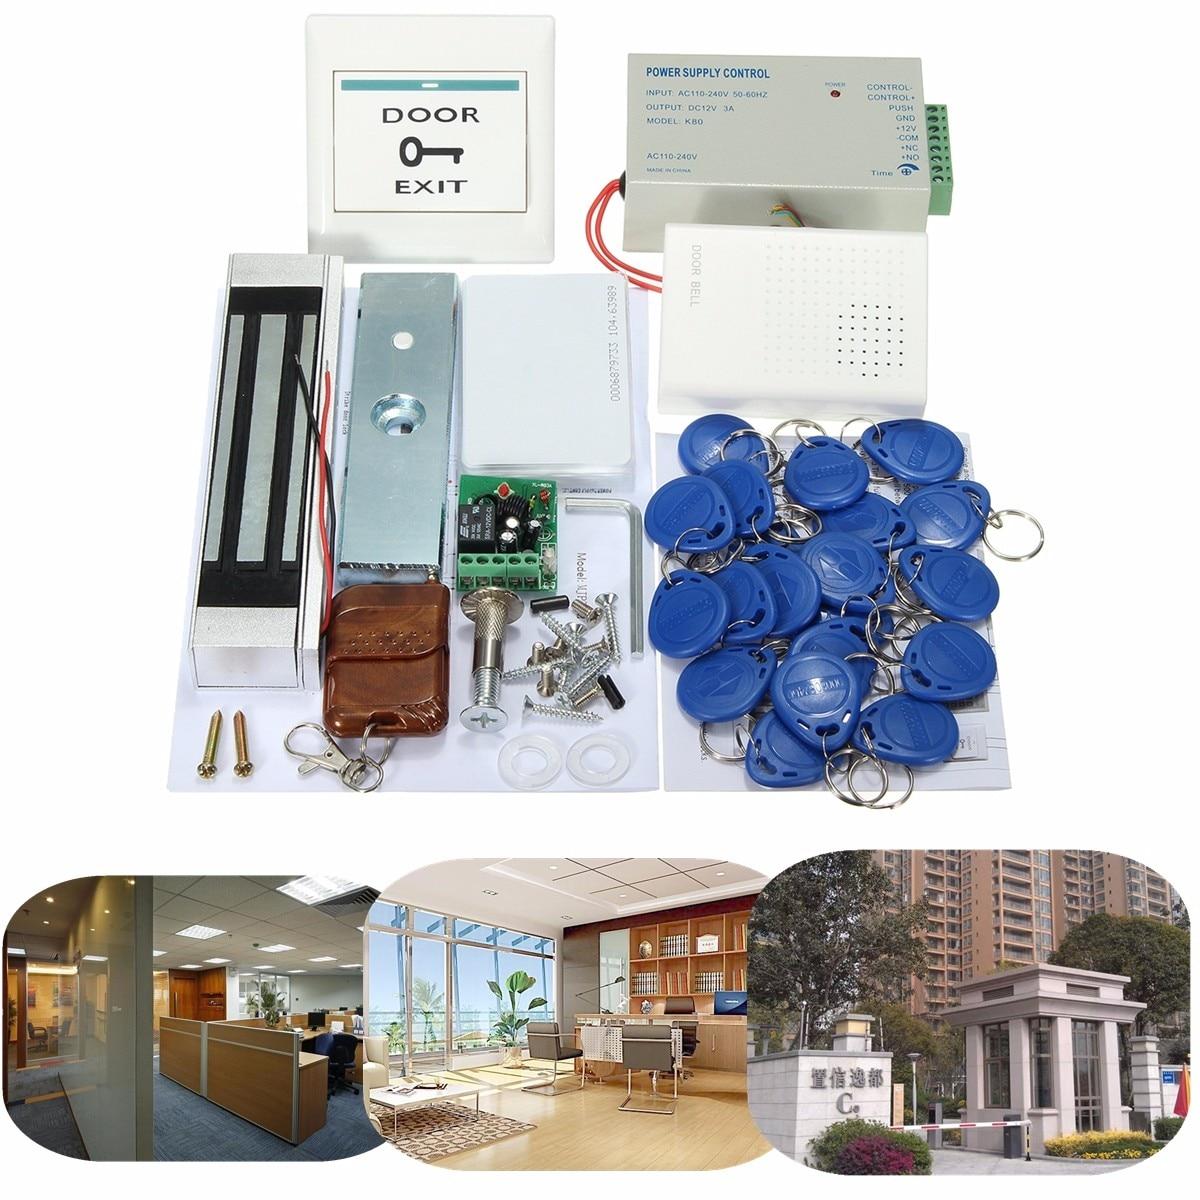 Полный набор RFID двери Система контроля доступа комплект с замком RFID + мощность + Магнитный замок + дверной выход + ключи Бесплатная доставка